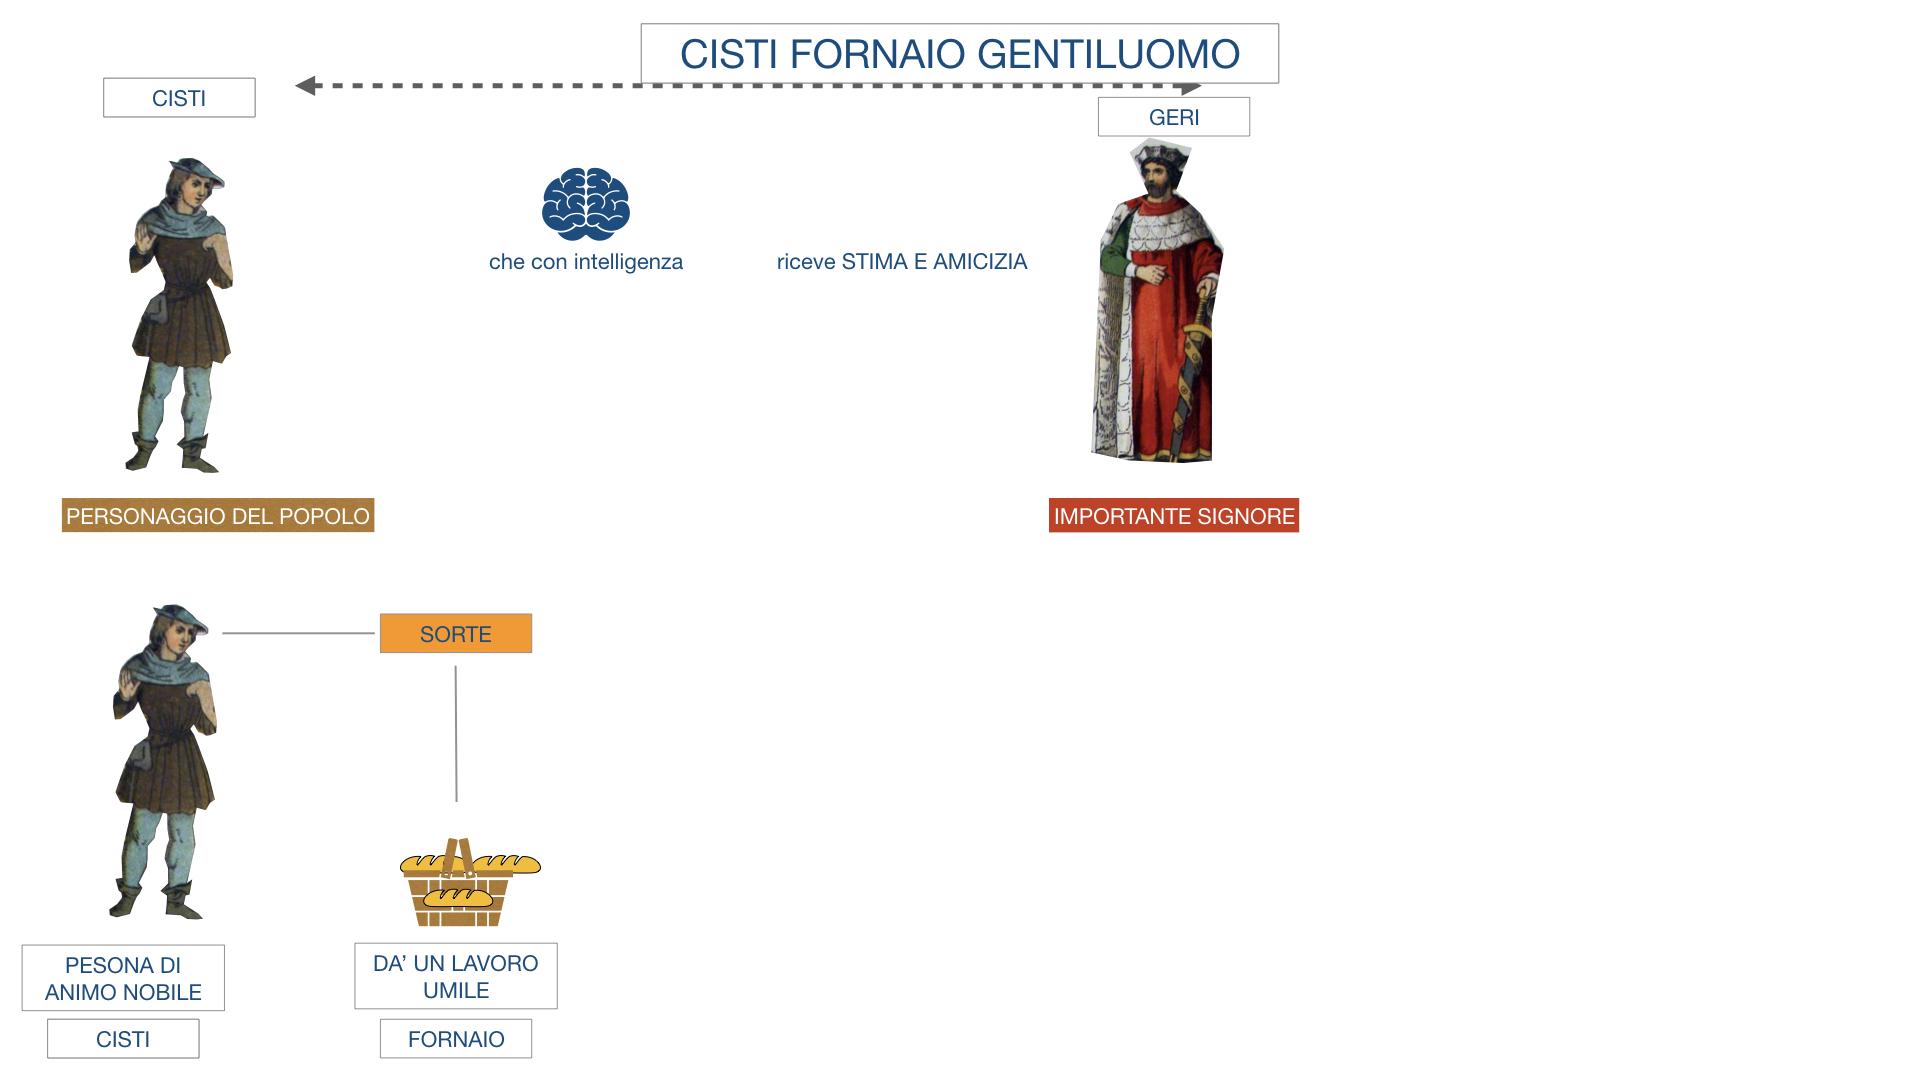 CISTI IL FORNAIO_SIMULAZIONE .009